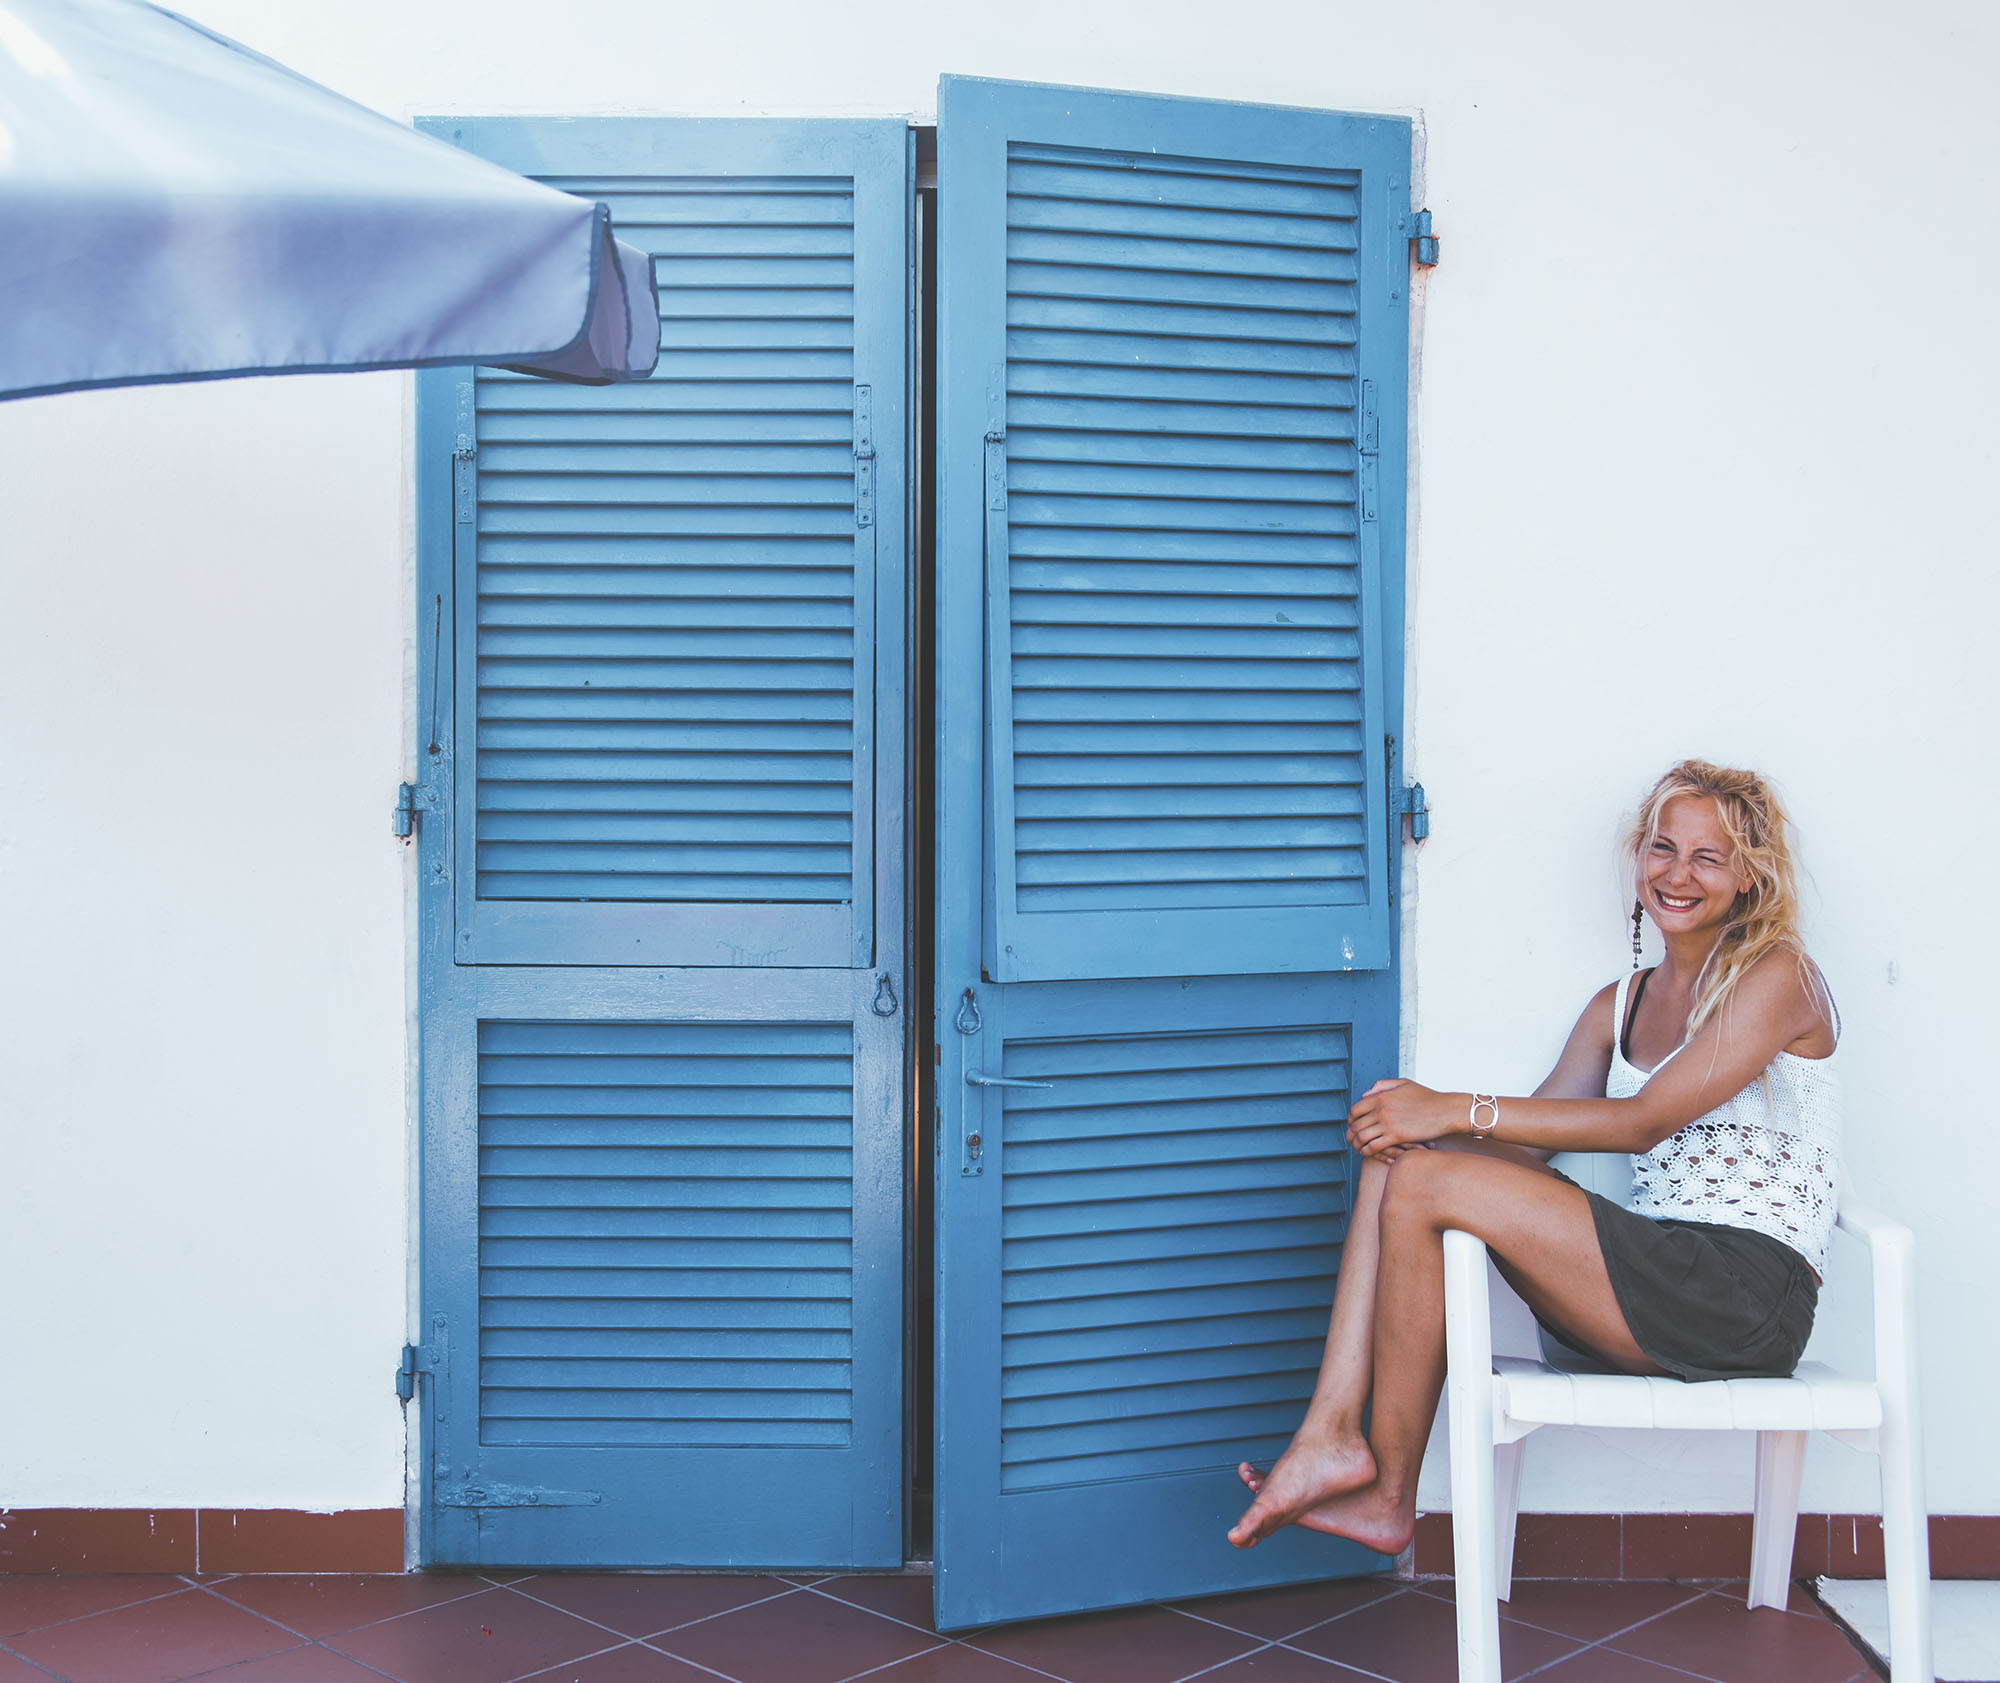 Utanför rummet i hotellet. Älskar de blåa dörrarna och en lilla uteplatsen utanför.